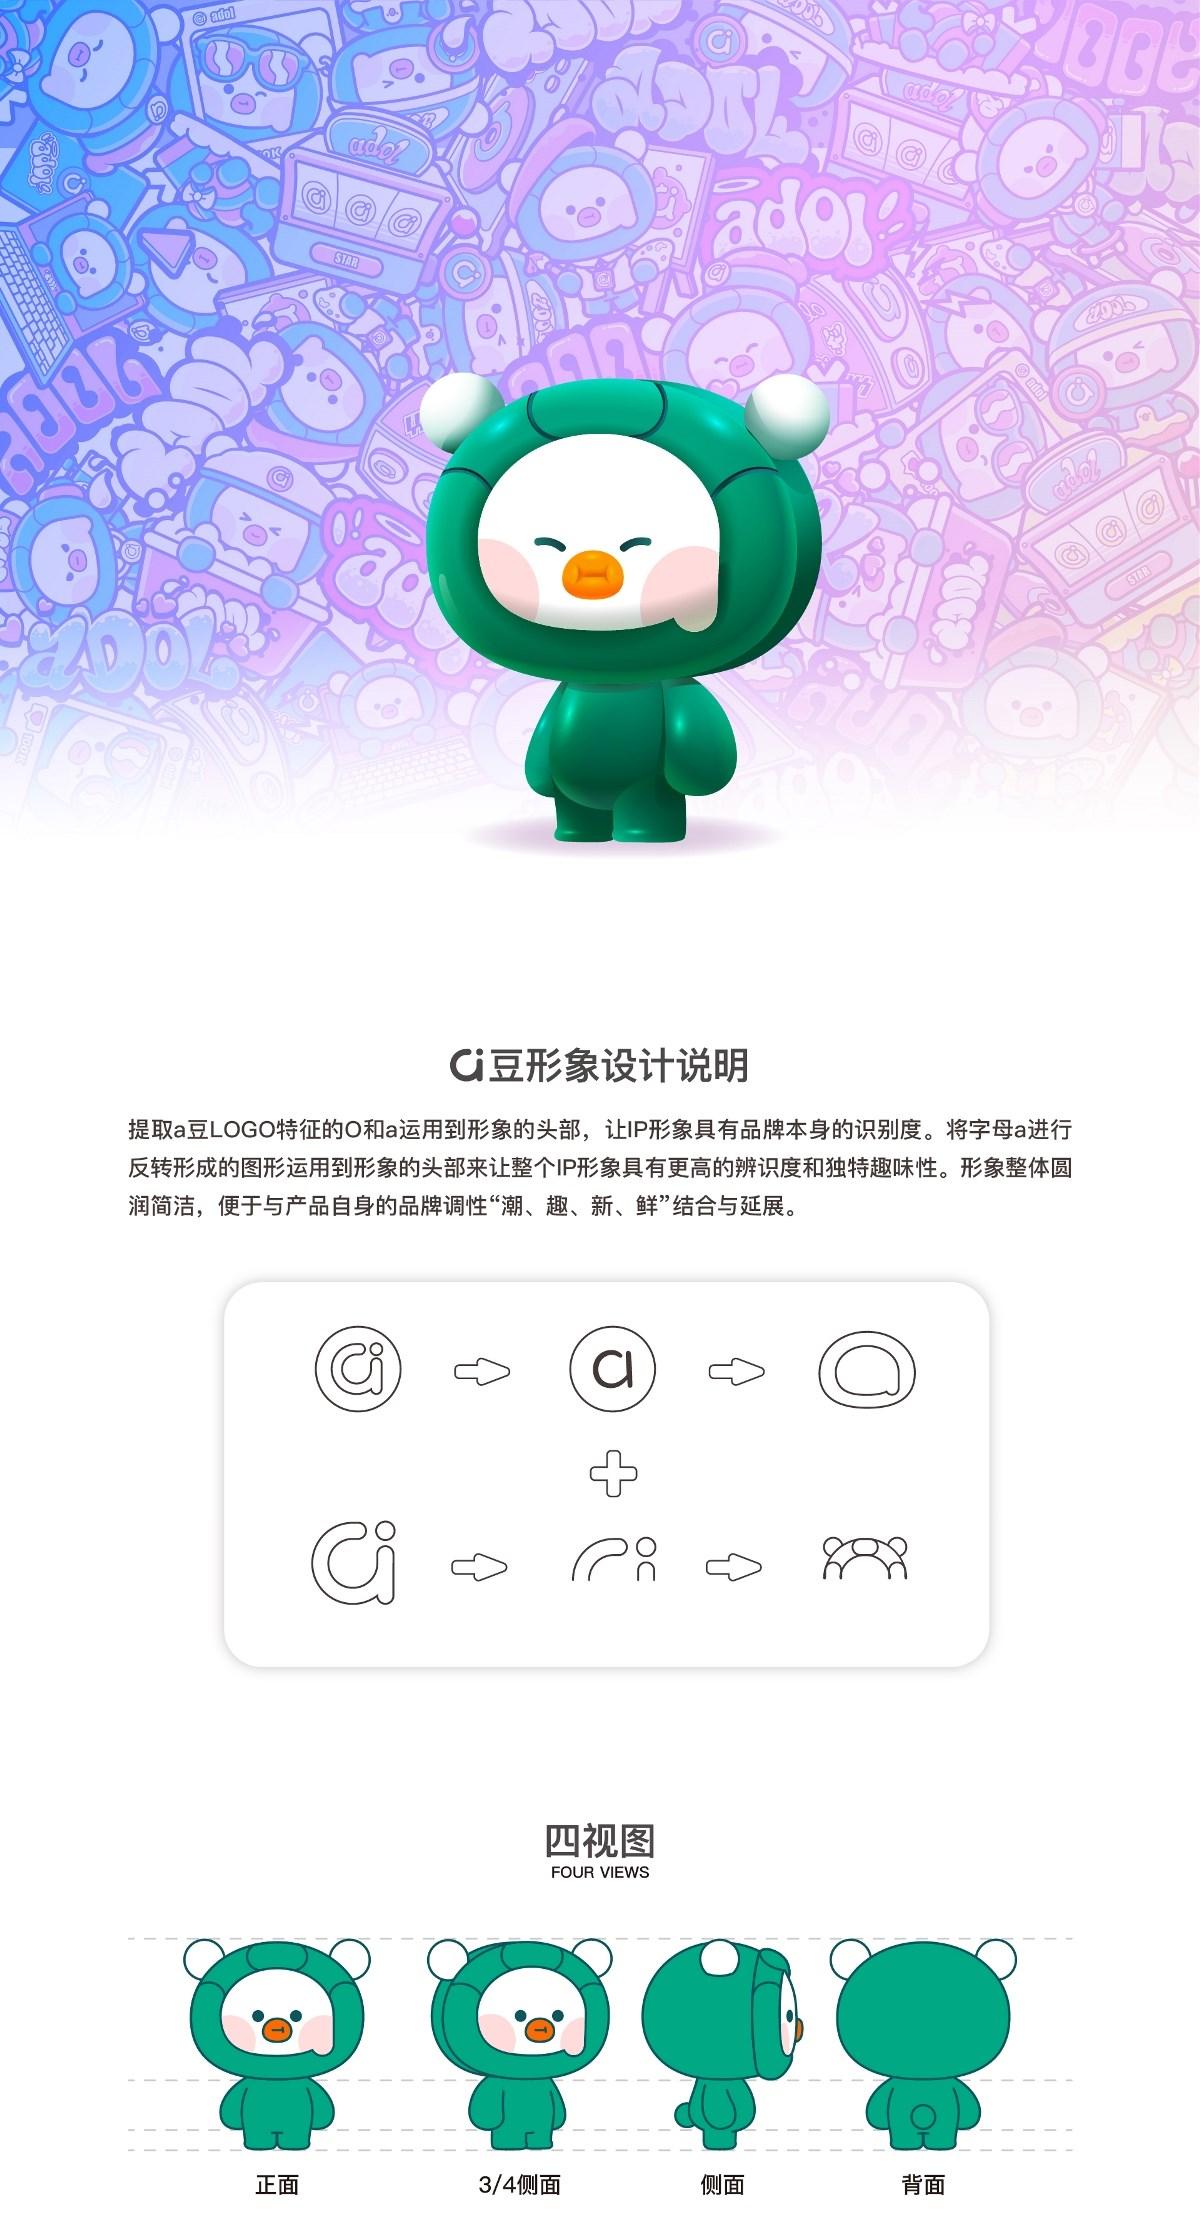 【a豆潮流有色】品牌IP形象创作